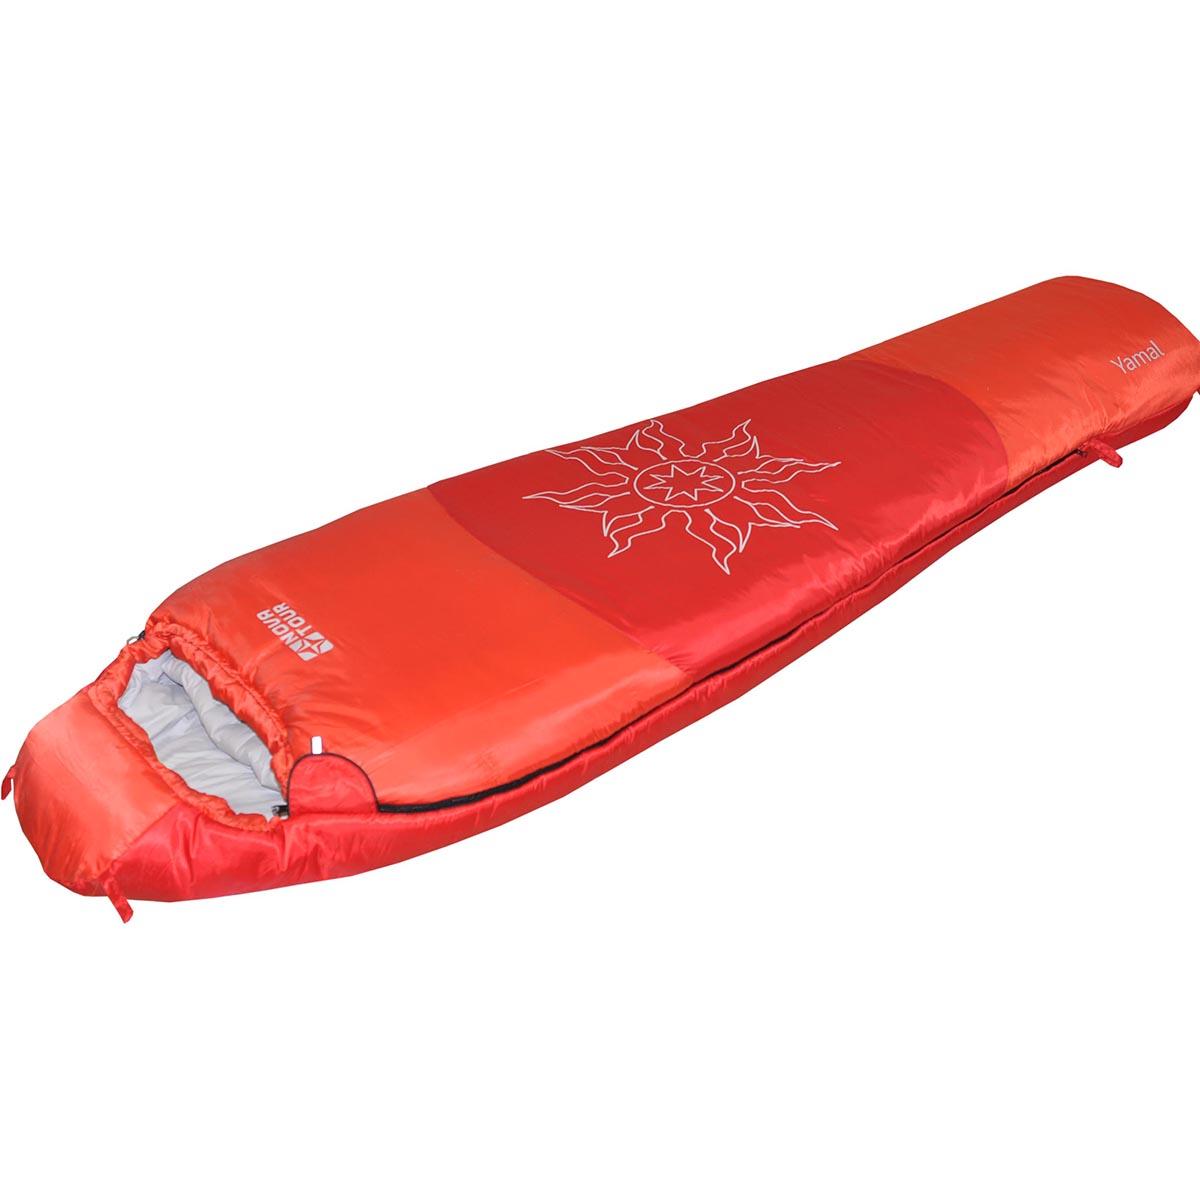 Спальный мешок Nova Tour Ямал -30 V2, цвет: красный, правосторонняя молния95419-001-RightСпальный мешок конструкции - кокон и синтетическим наполнителем для использования при очень низких температурах. Утягивающийся капюшон, шейный воротник - сохраняют тепло. Двухзамковая молния позволяет состегнуть два спальных мешка левого и правого исполнения в один двойной. Компрессионный мешок в комплекте.